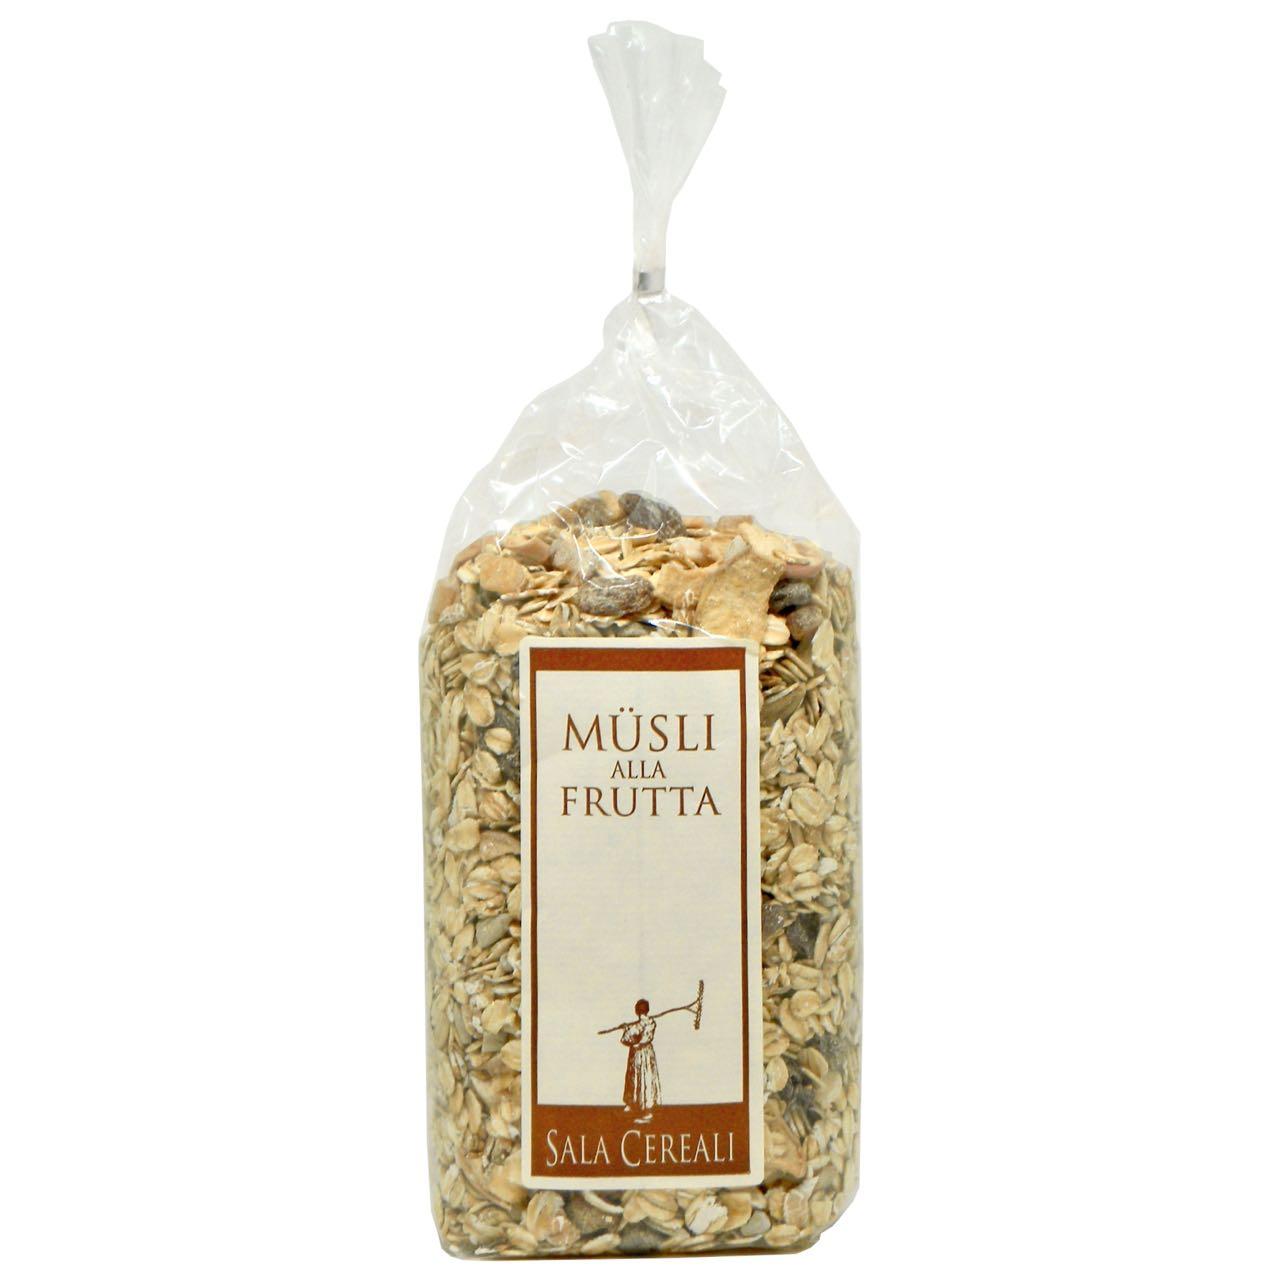 Muesli alla frutta – fruit muesli – Sala Cereali – Gustorotondo Italian food boutique – I migliori cibi online – Best Italian foods online – spesa online